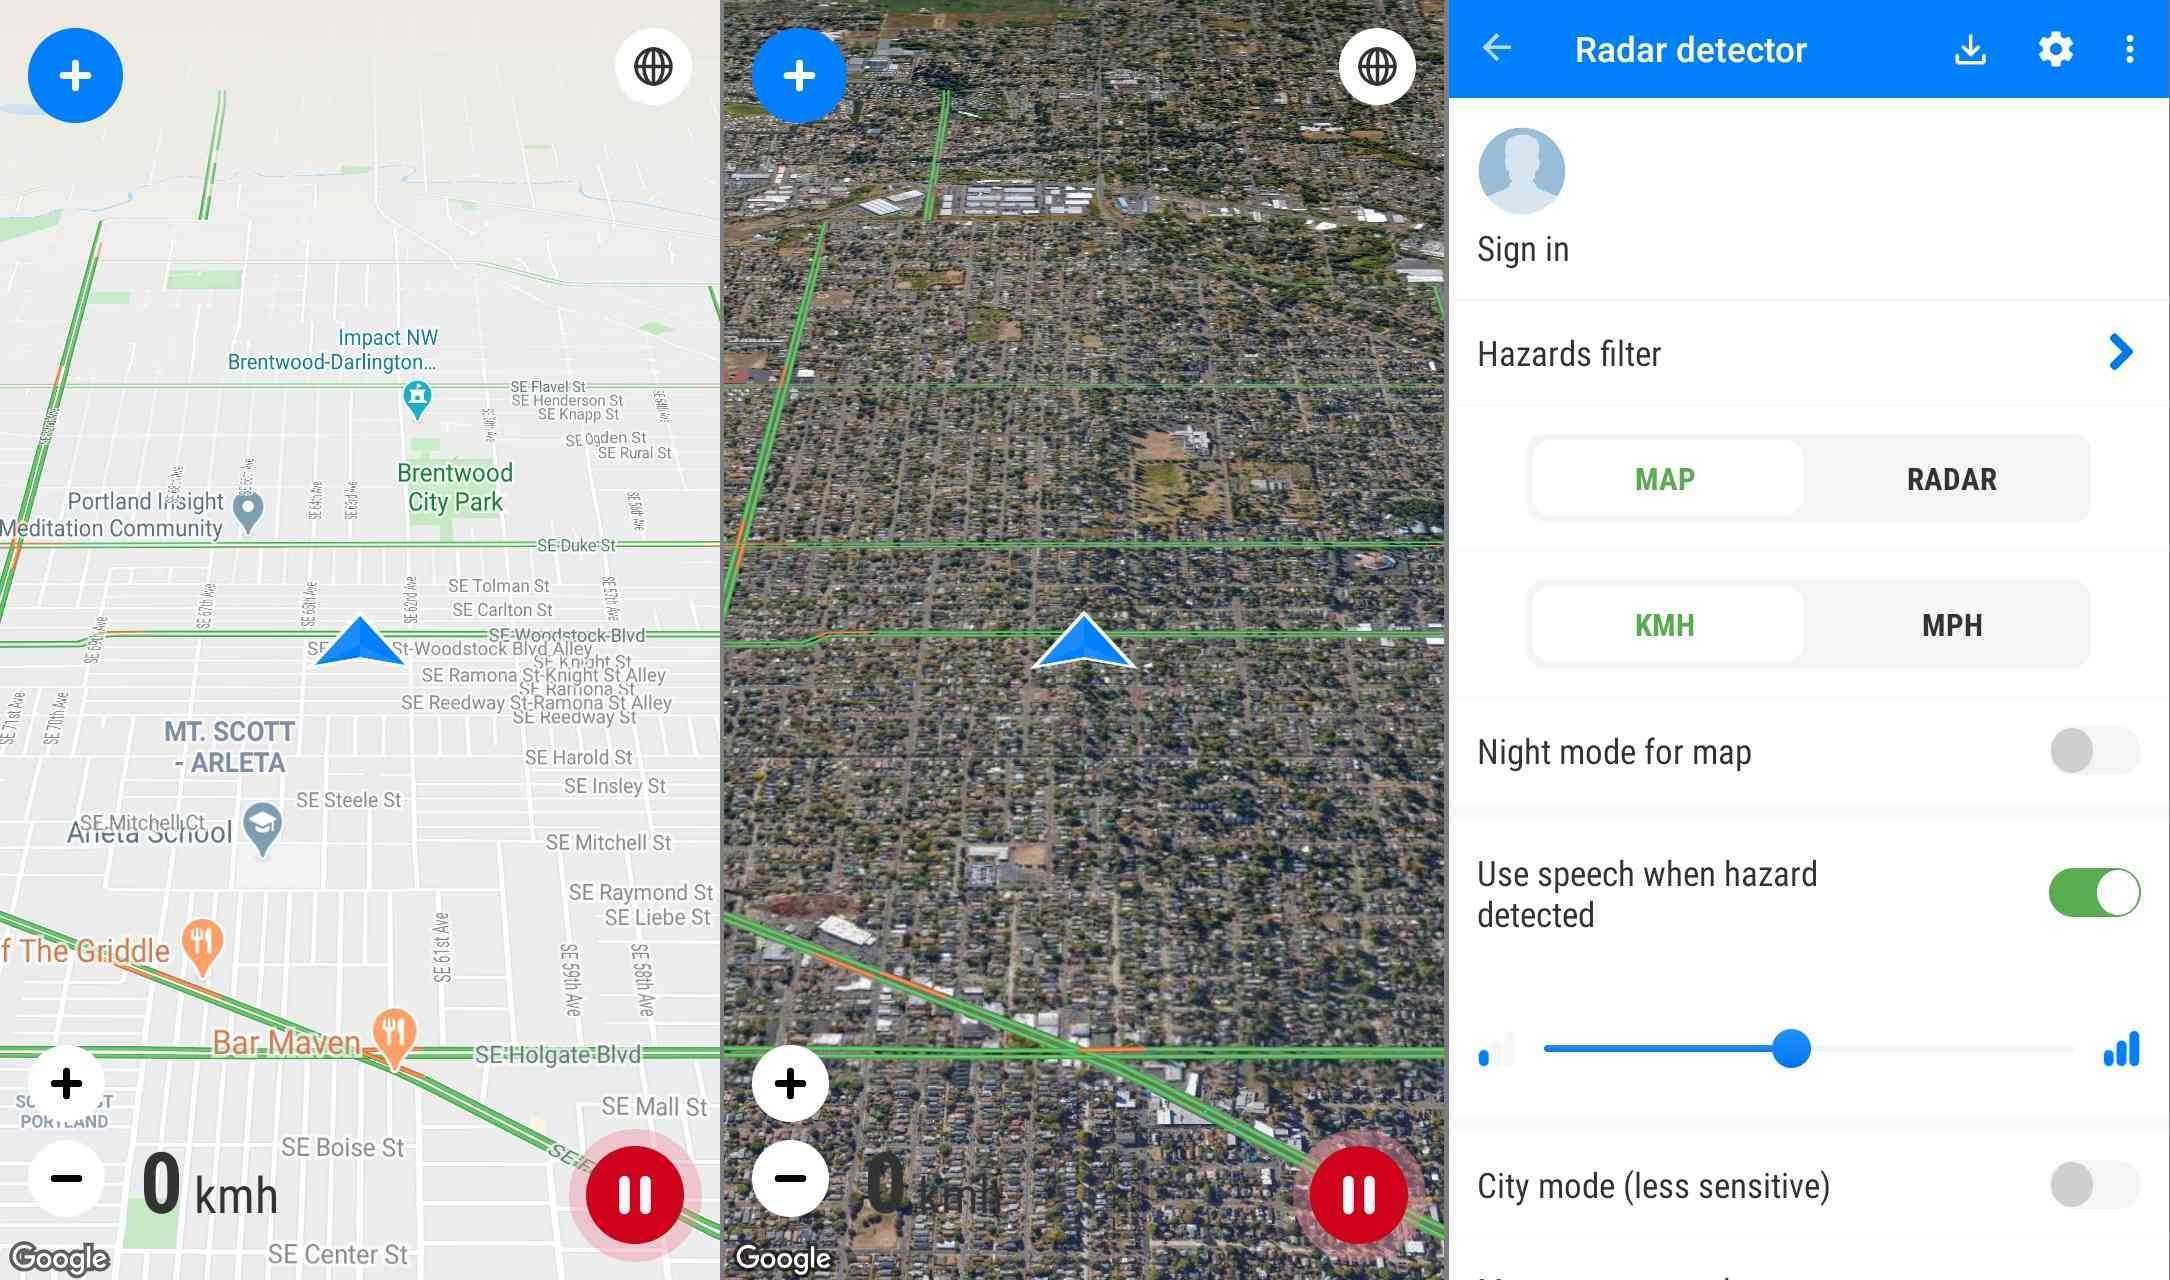 Speed Camera Radar Android app